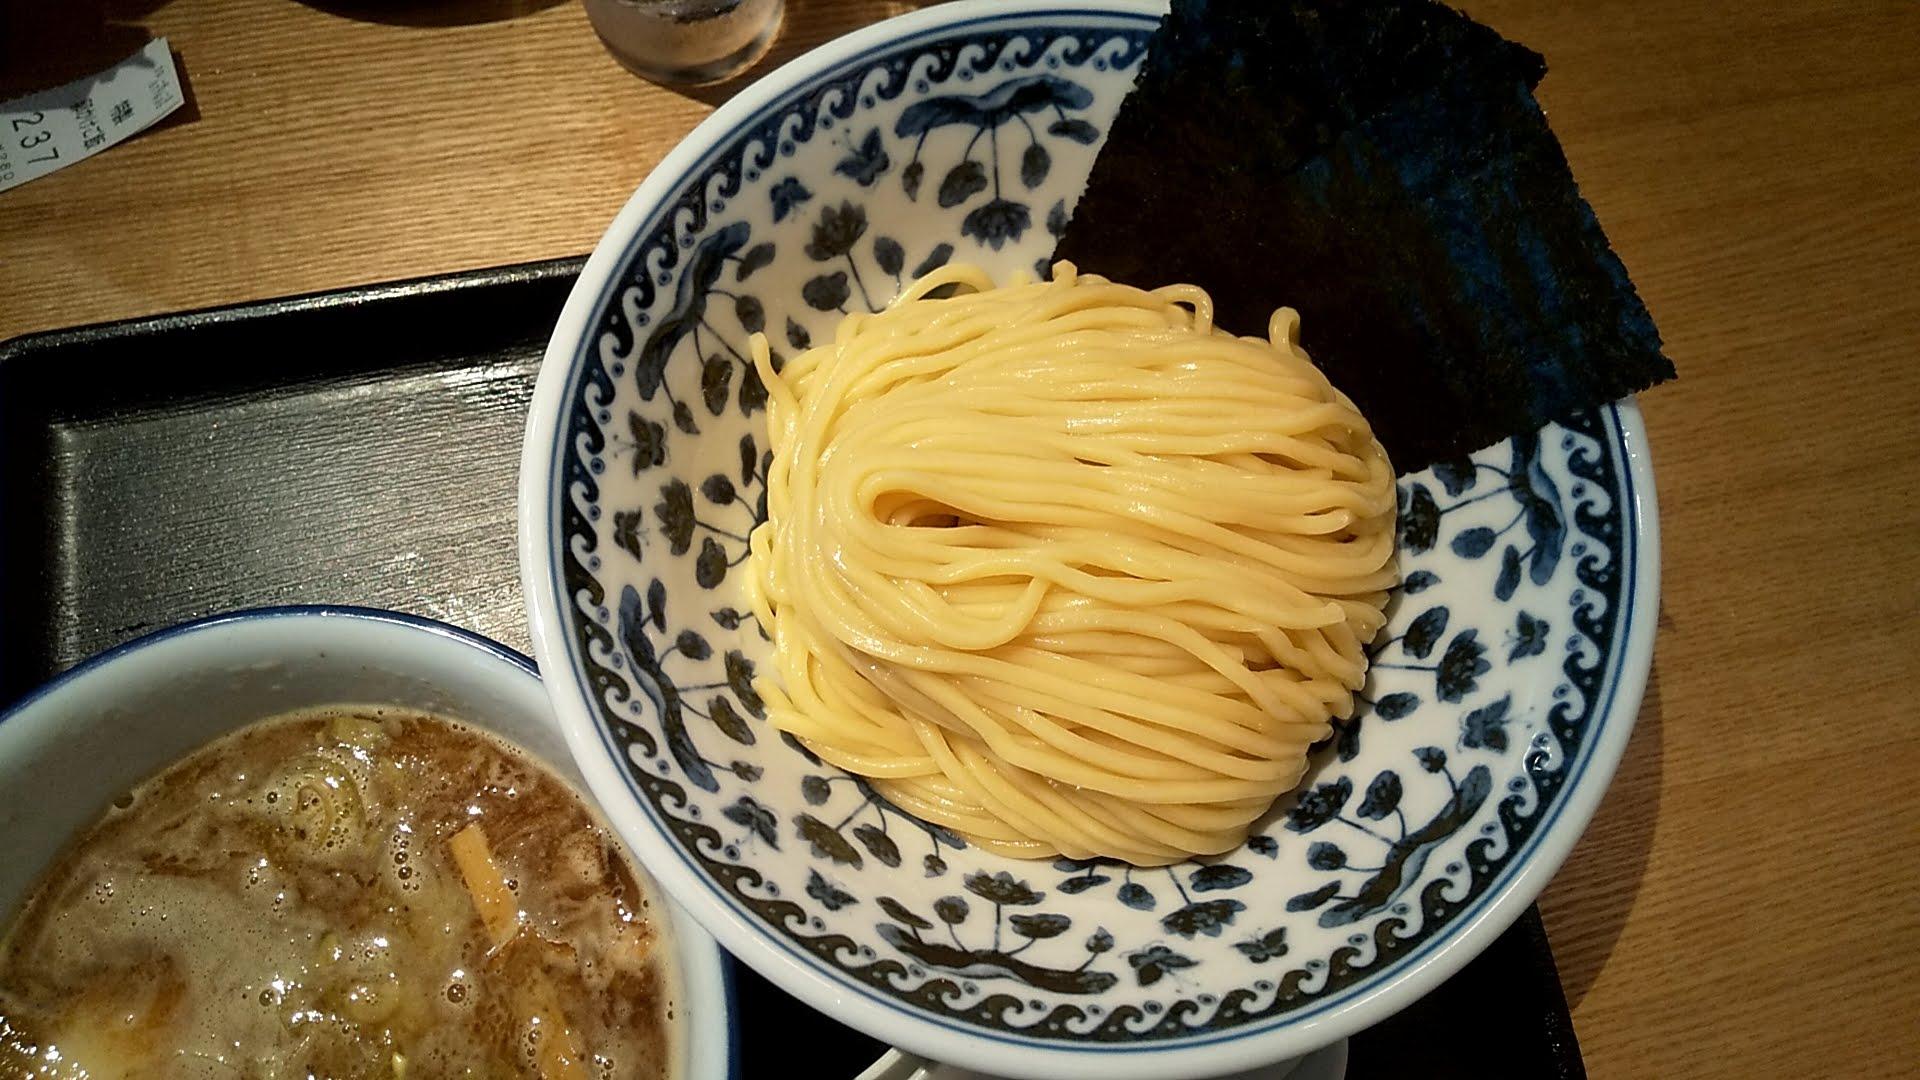 中華そば勝本の濃厚煮干しつけそばの麺皿